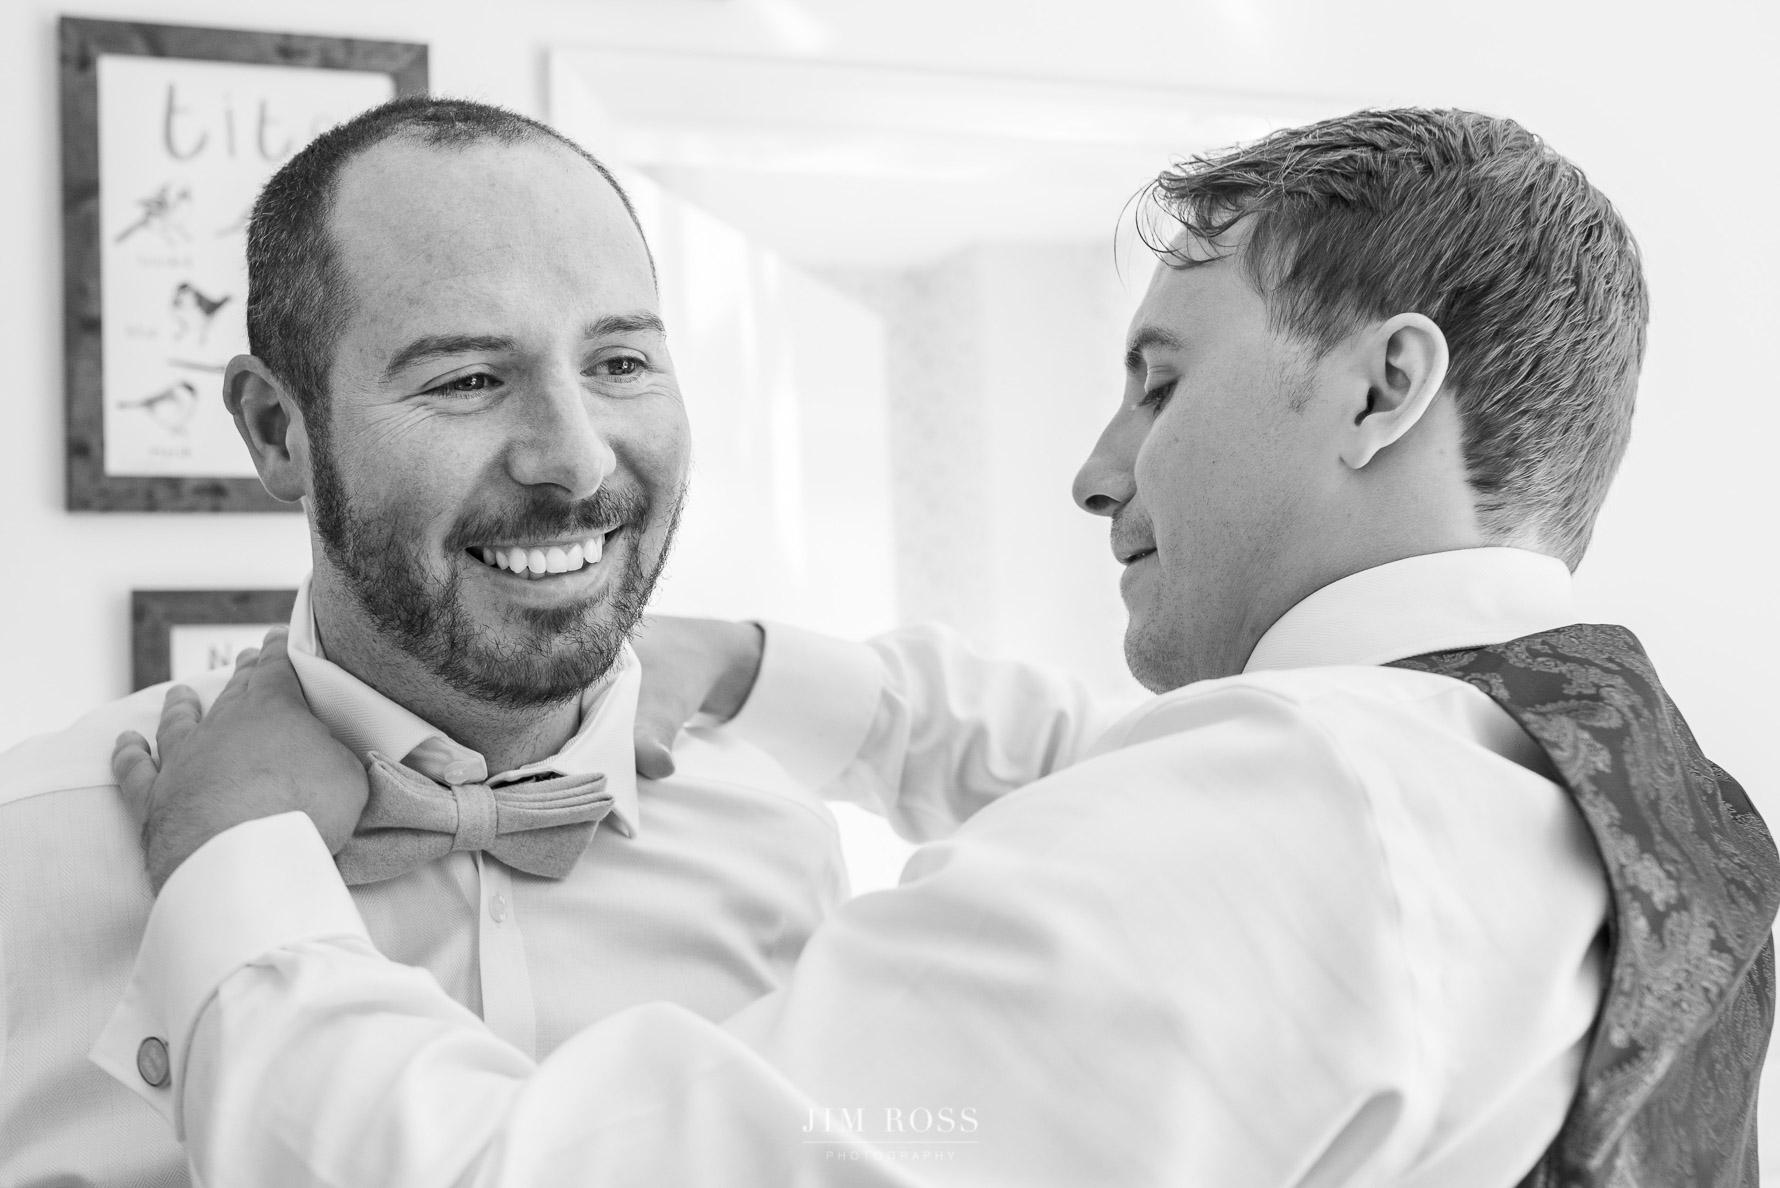 Fixing the groom's bow tie